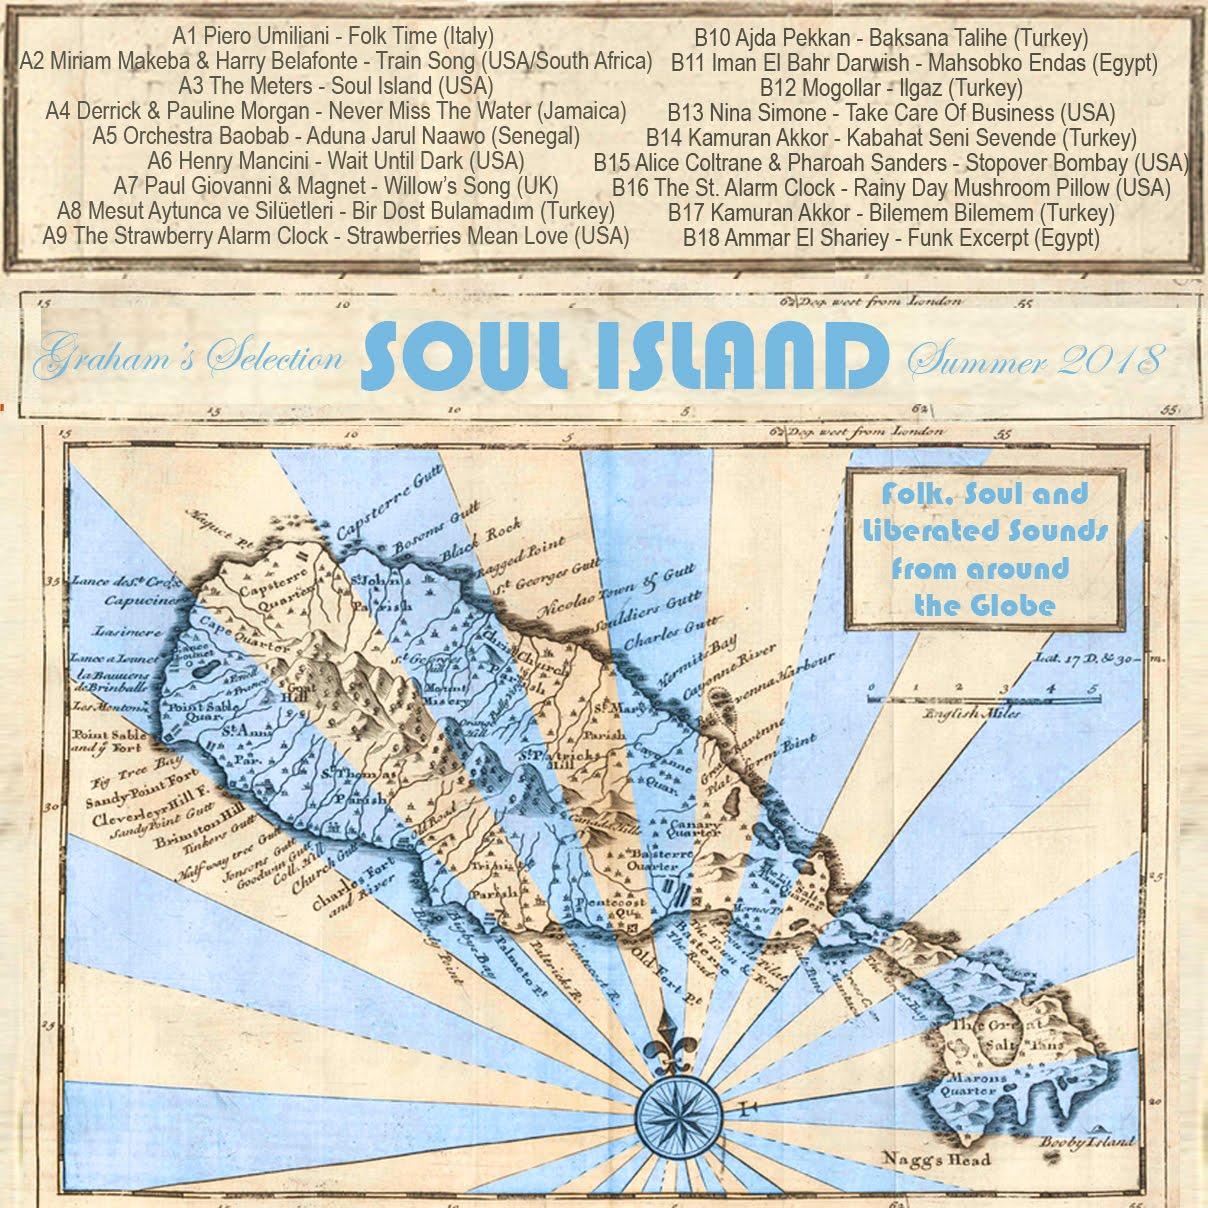 GRHM#12 - SOUL ISLAND